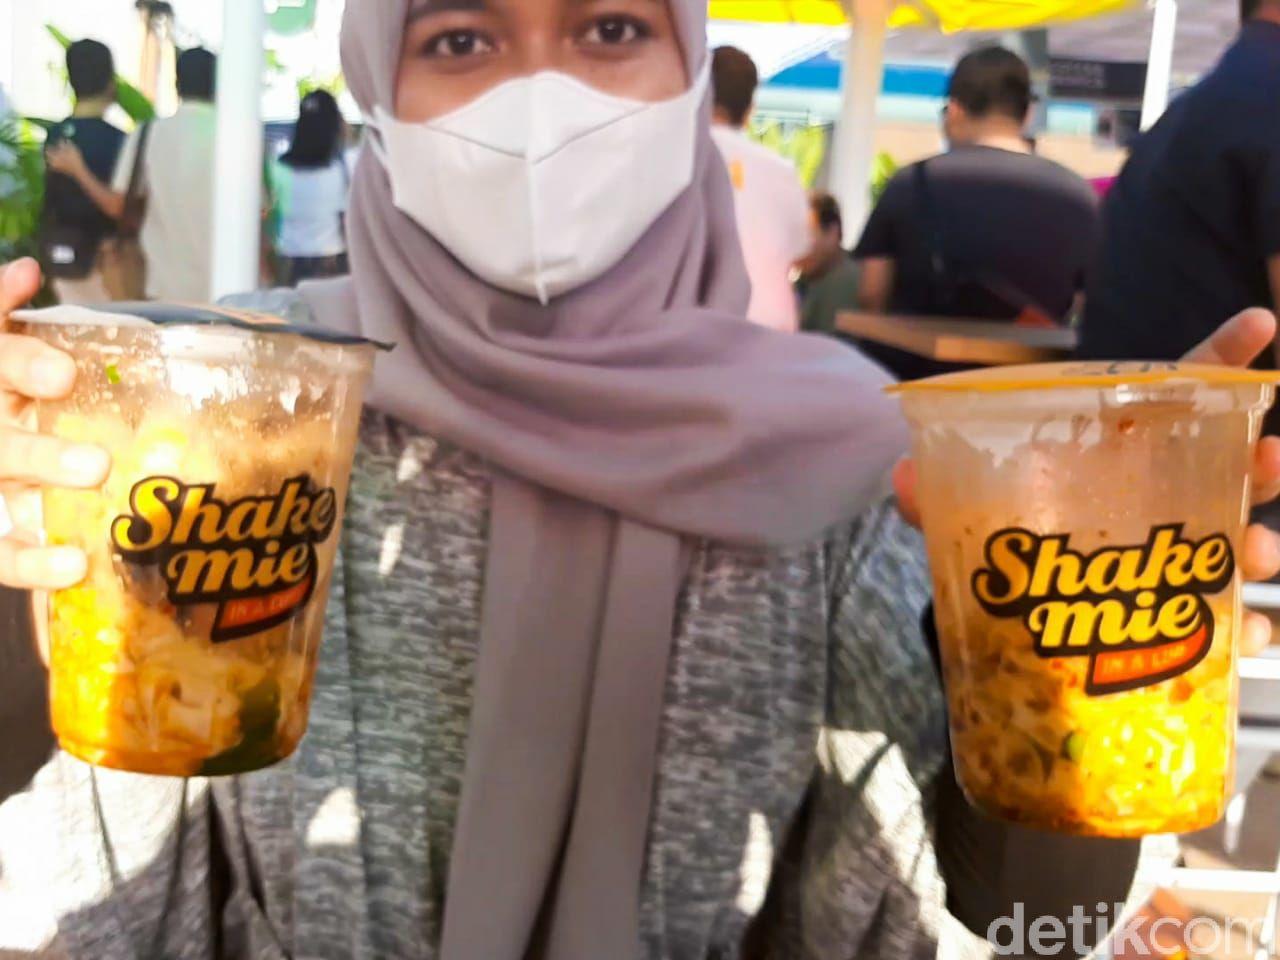 Shake Mie di Urban Farm PIK Menawarkan Sensasi Makan Mie dalam Gelas dan Dikocok.